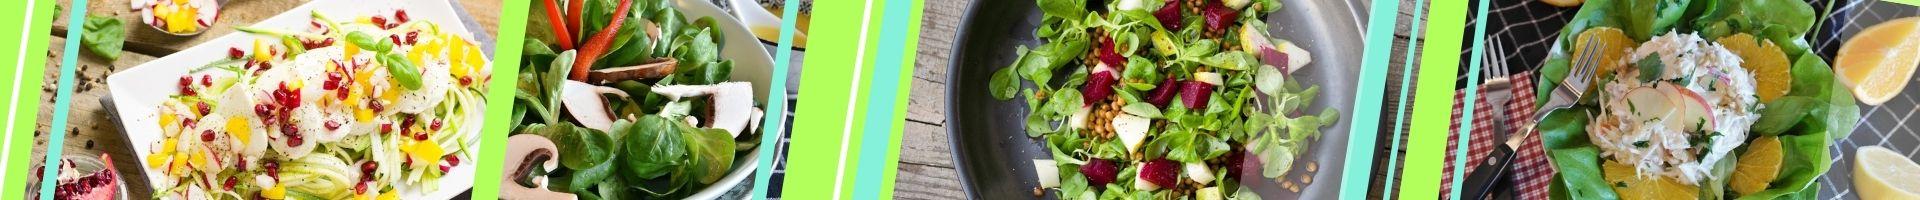 пп салаты. рецепты с пошаговыми фото